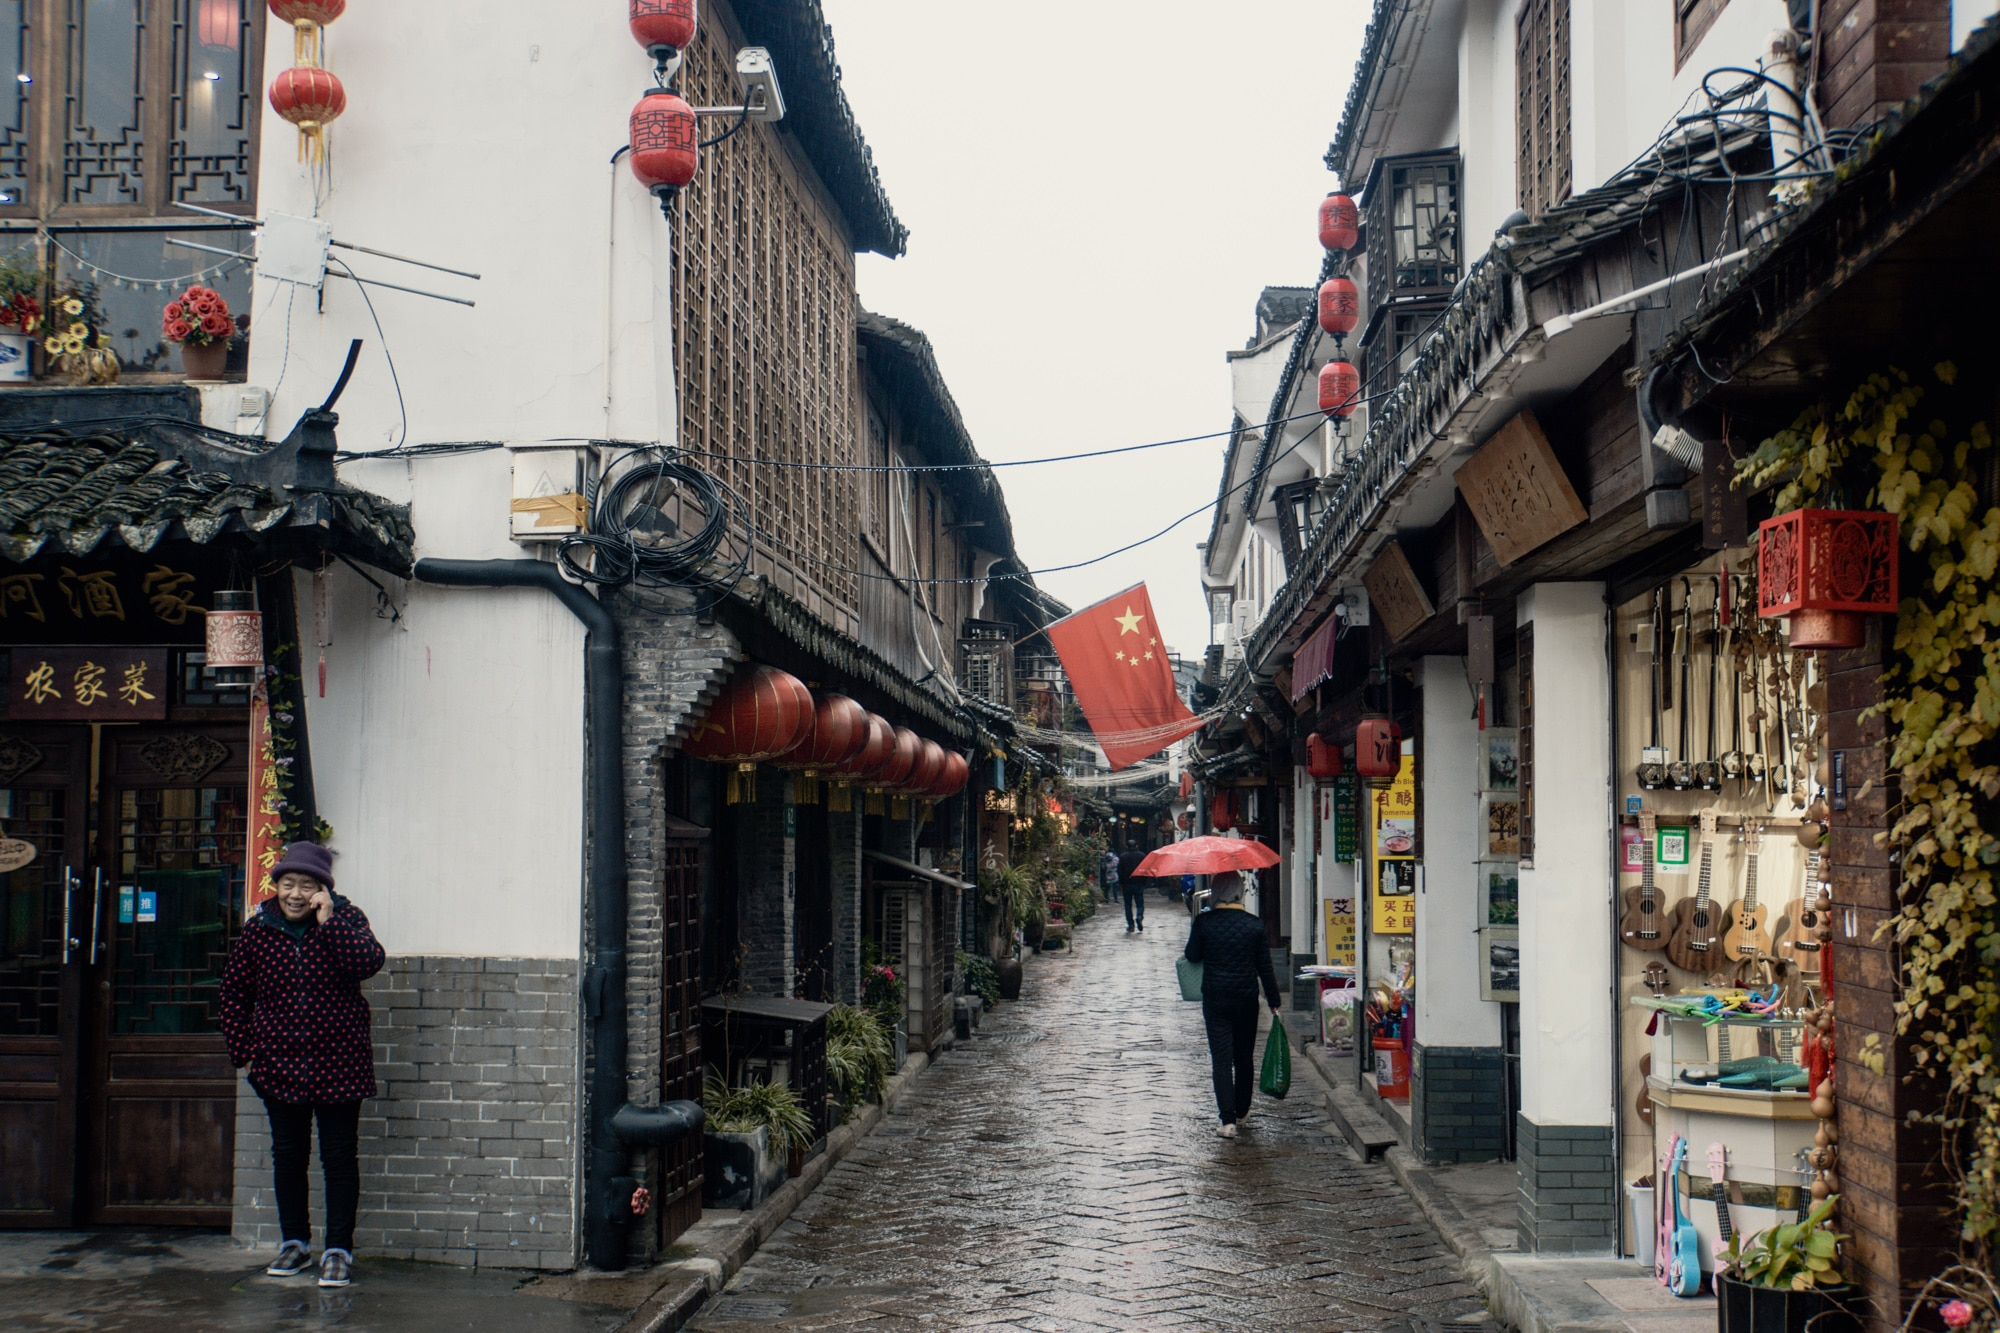 Zhujiajiao Tagesausflug: Tipps für die Wasserstadt bei Shanghai - Gassen